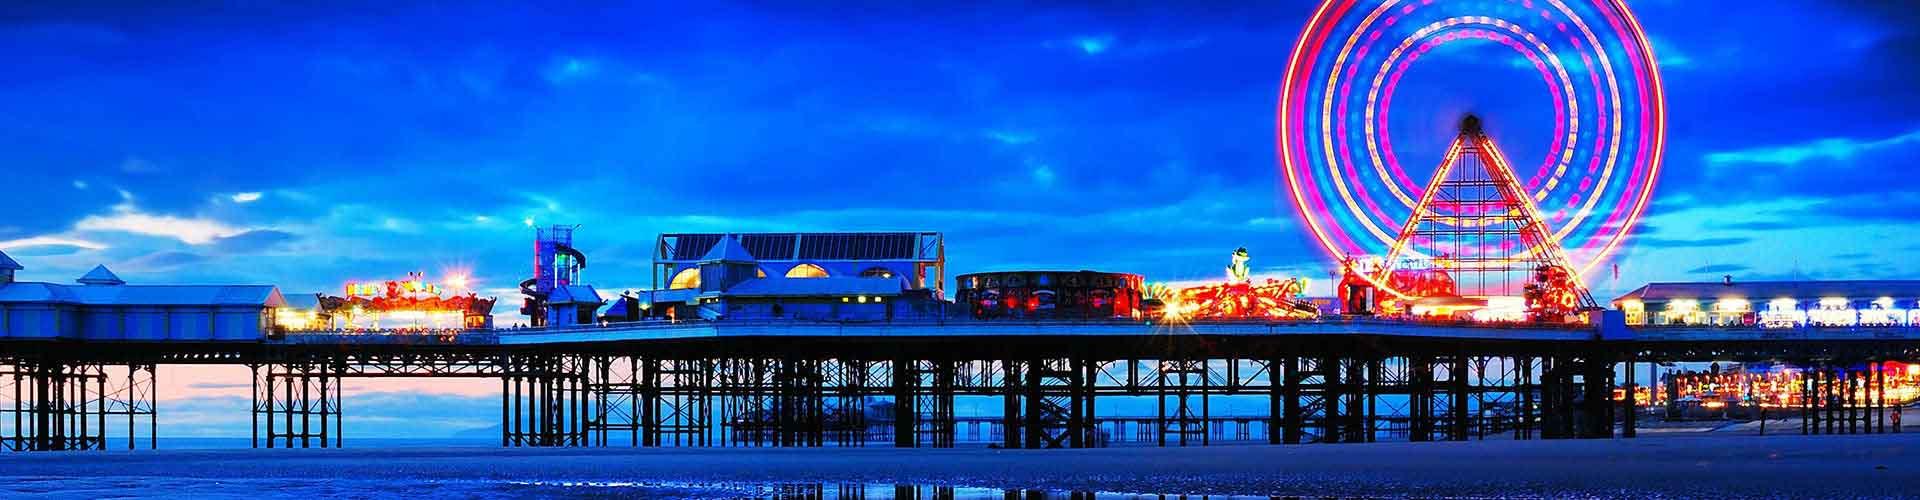 Blackpool - Ifjúsági Szállások Blackpoolben. Blackpool térképek, fotók és ajánlások minden egyes ifjúsági szállásokra Blackpool-ben.